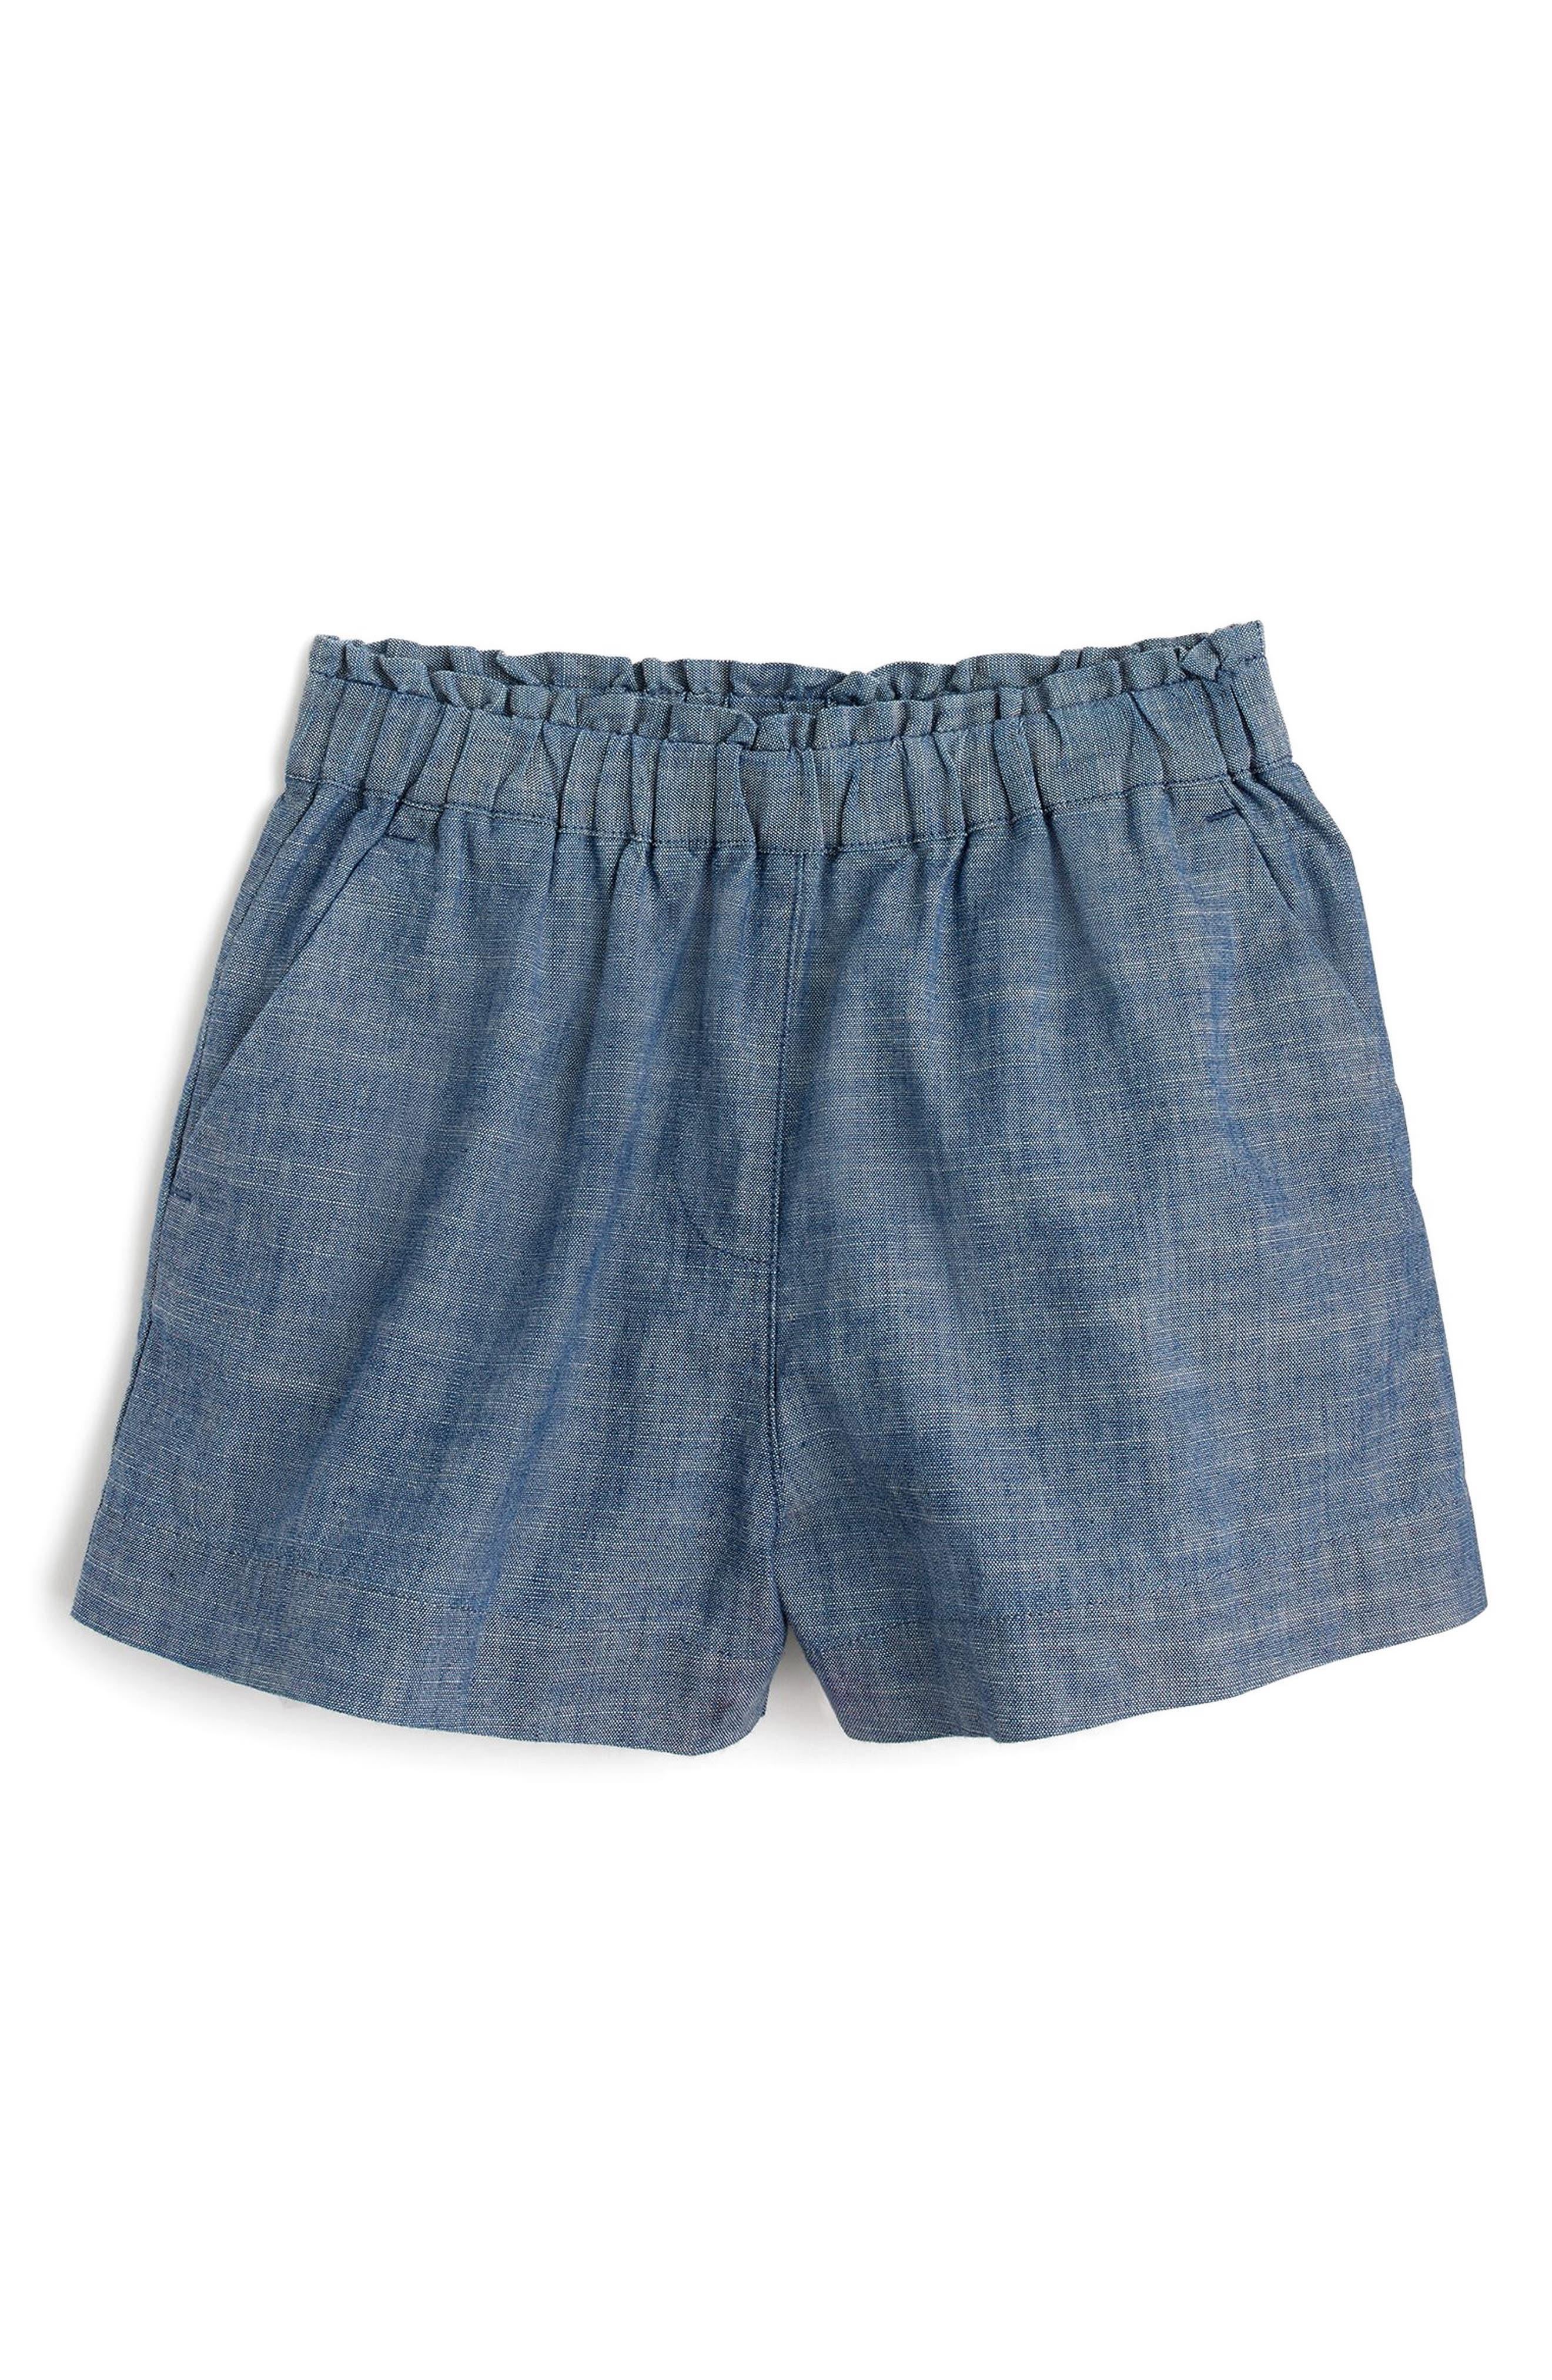 Trish Chambray Shorts,                             Main thumbnail 1, color,                             400